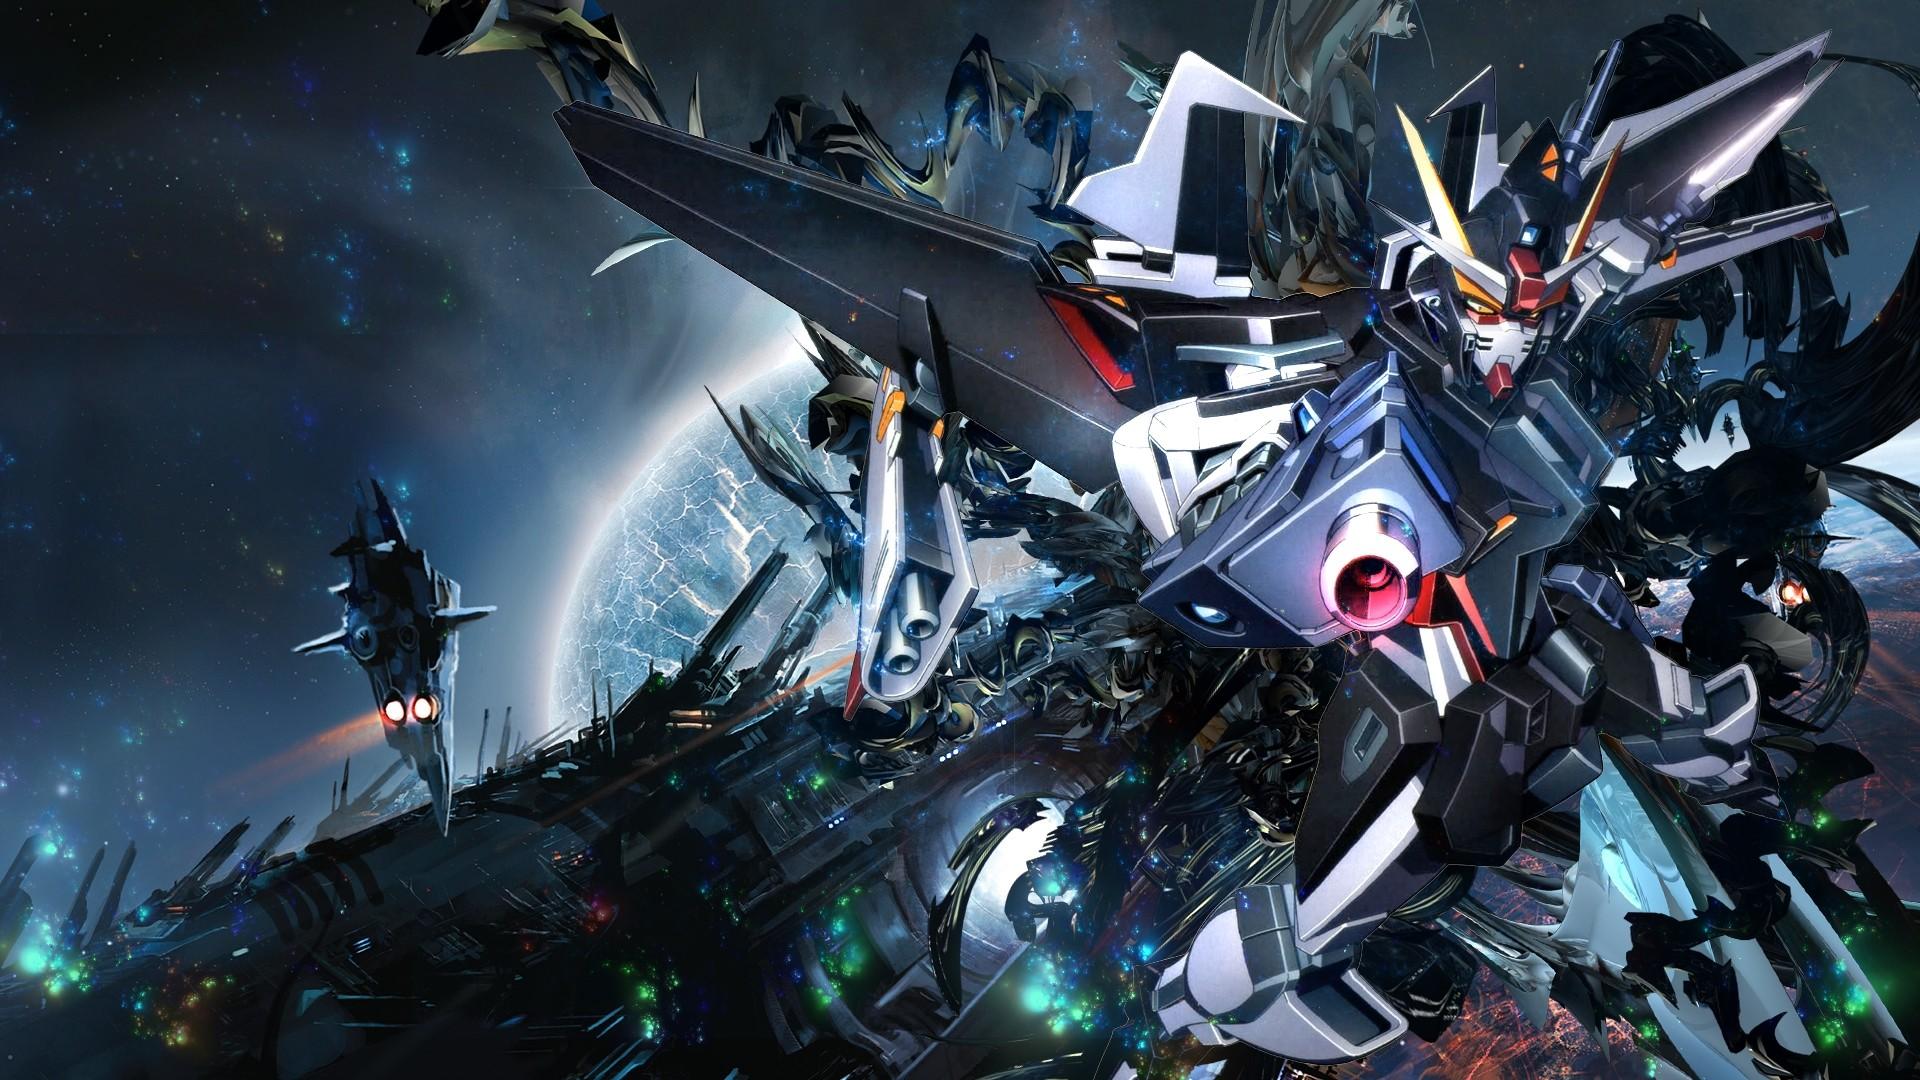 Gundam Wallpaper For Pc